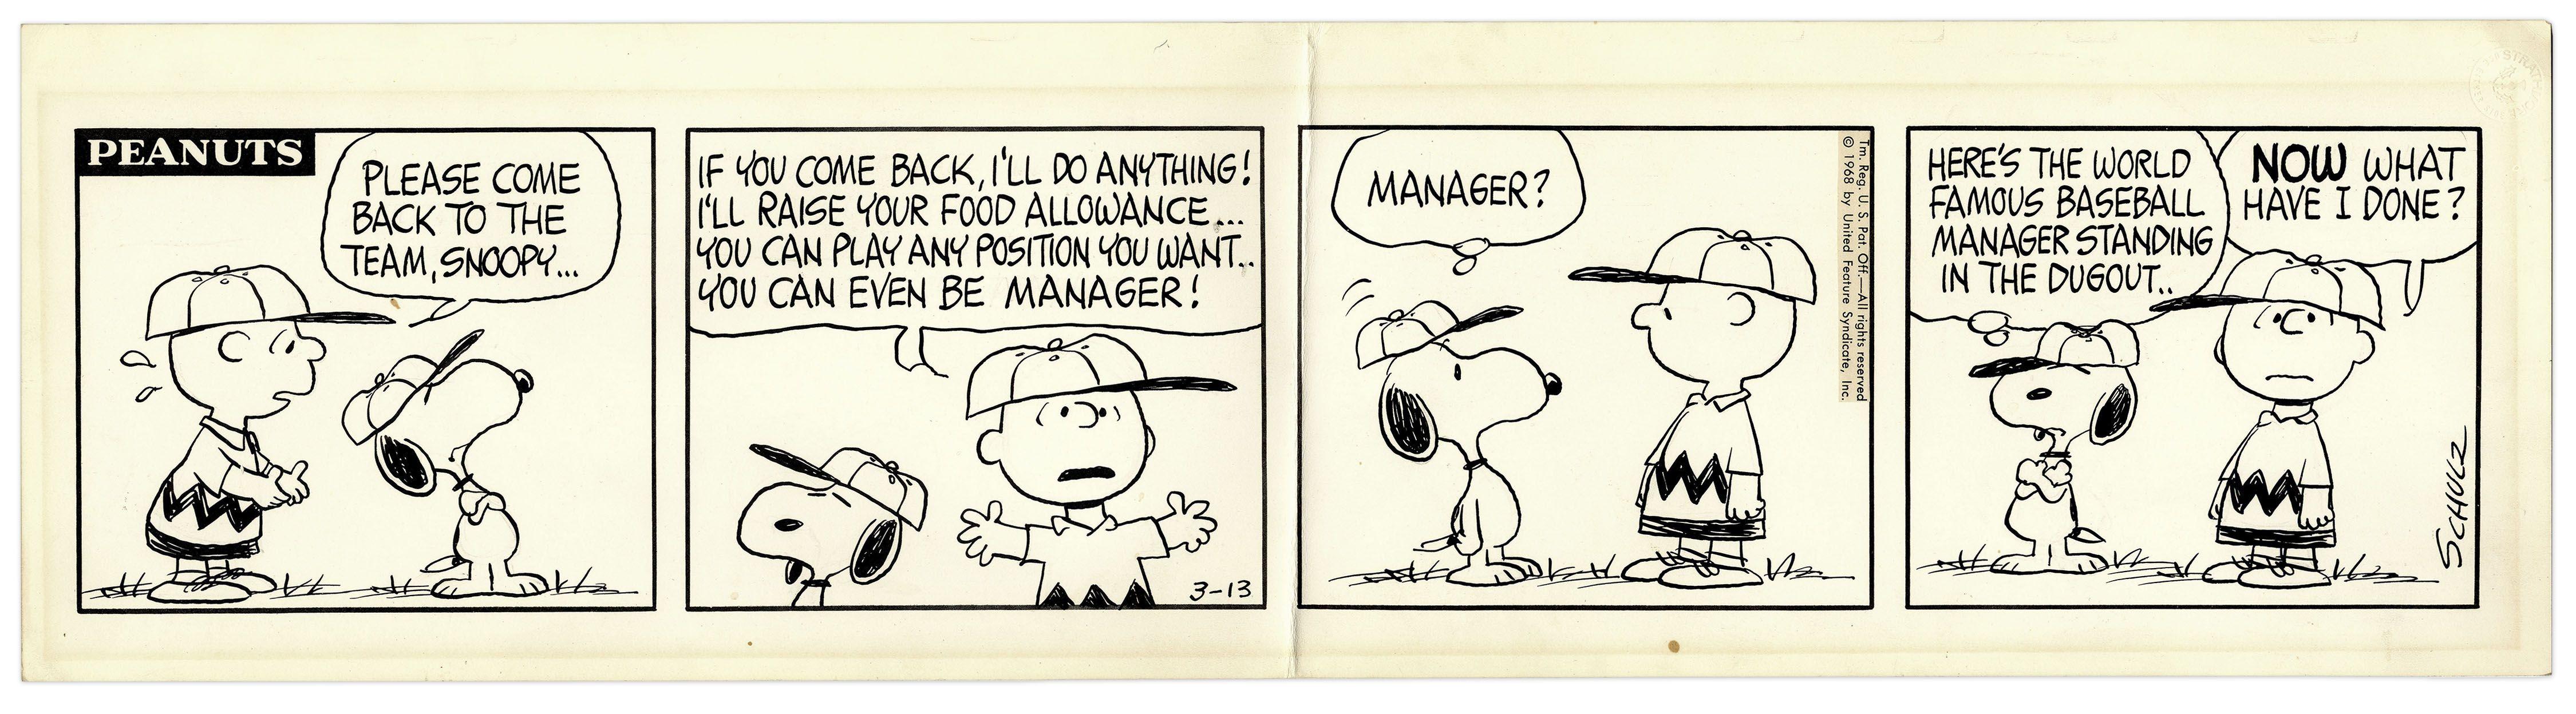 peanuts final strip